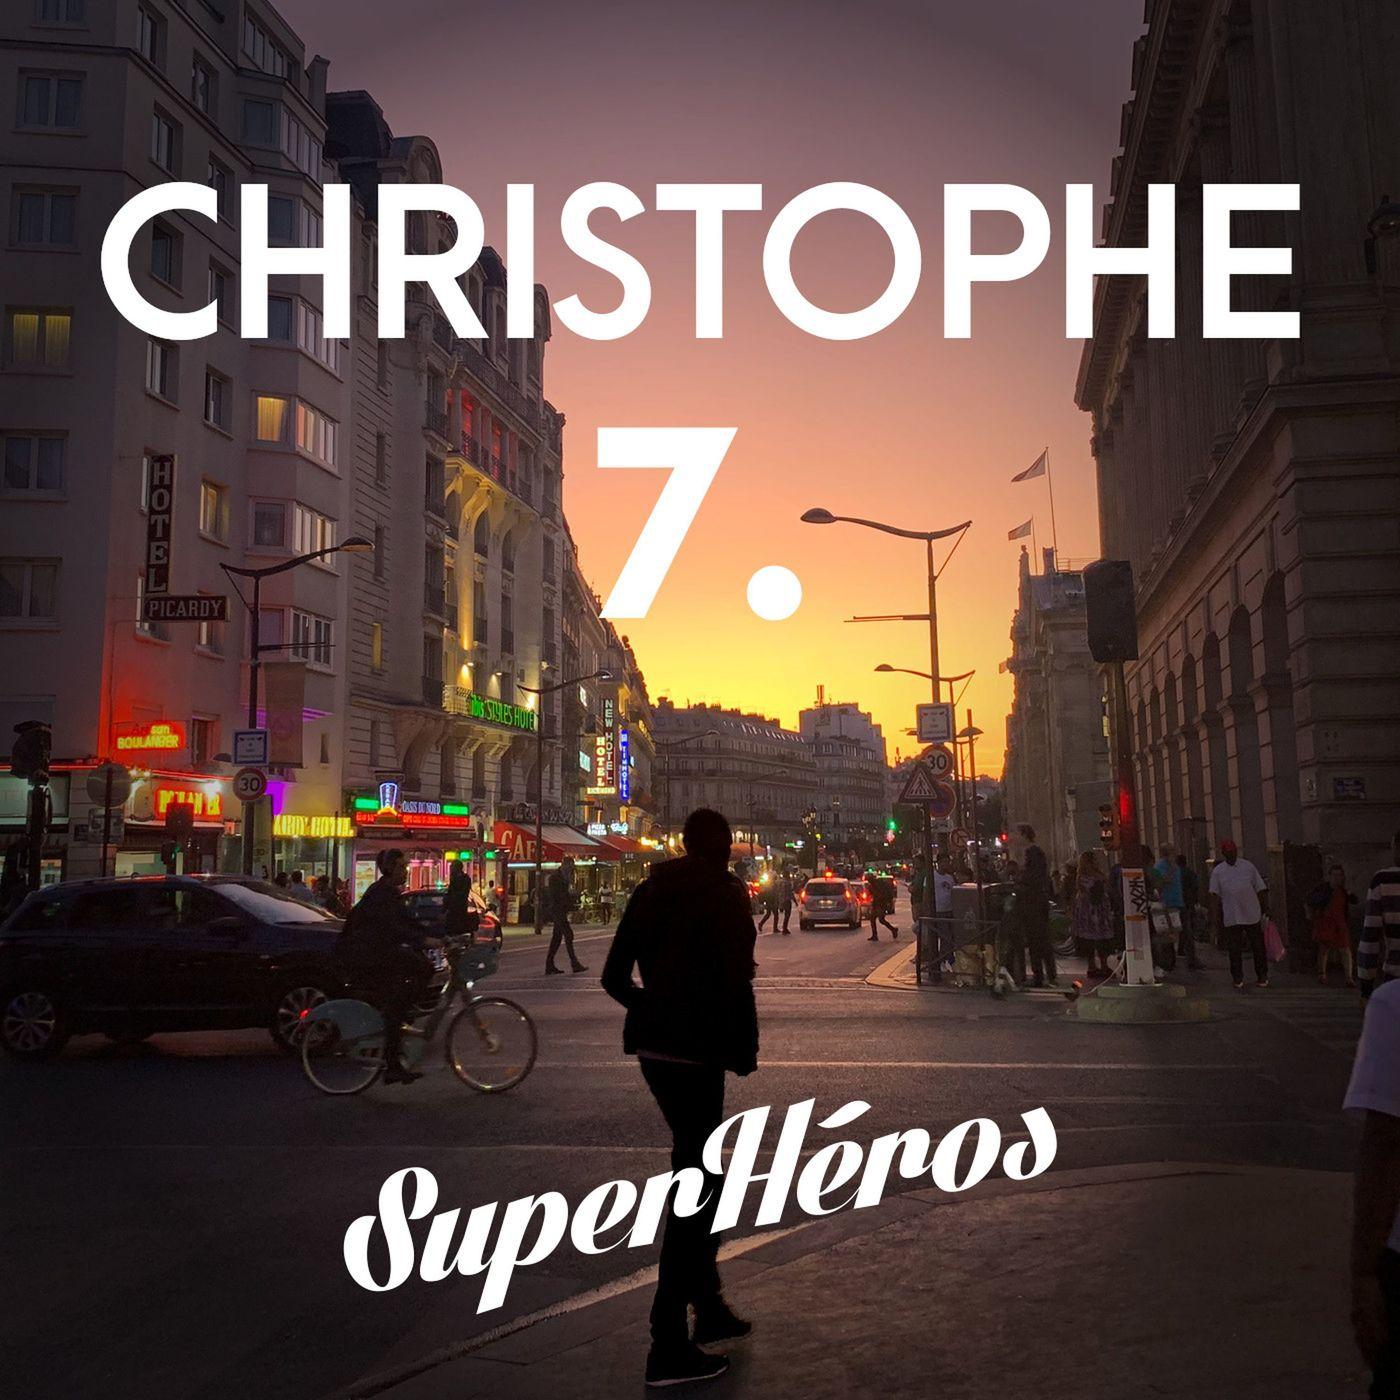 Christophe - Episode 7 - L'homme dans la ville